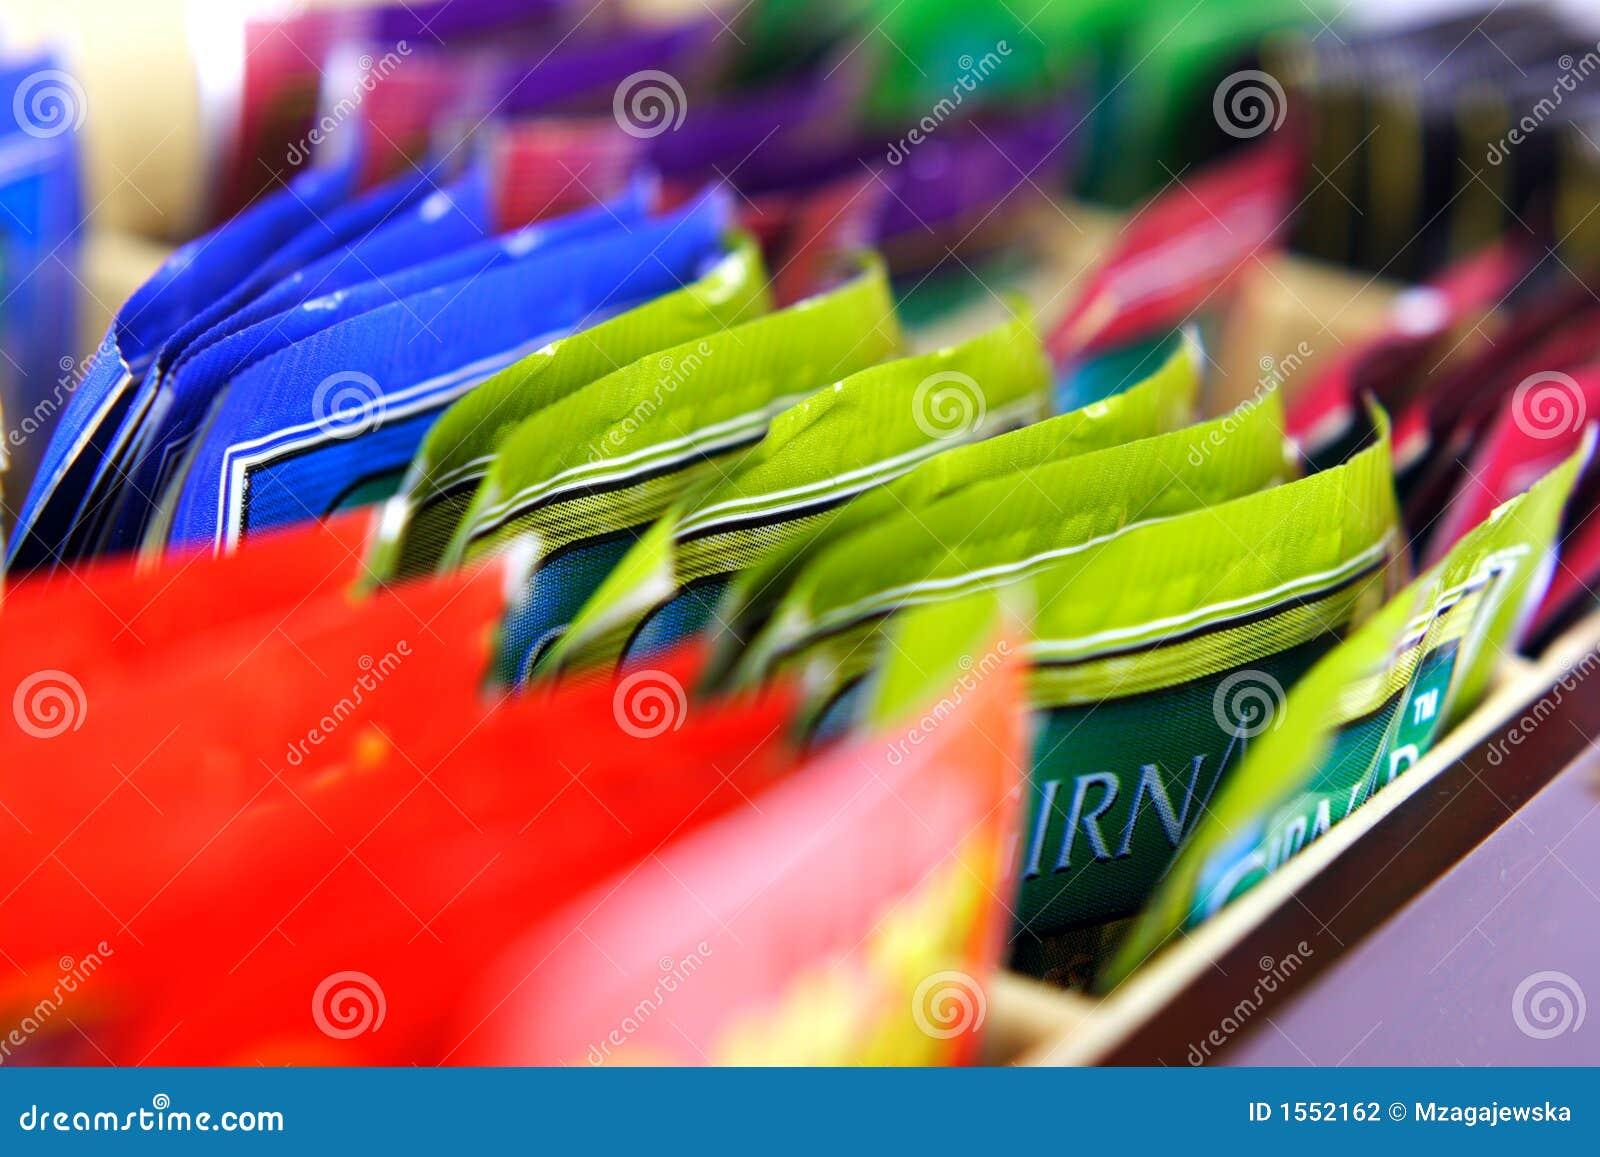 Colourful tea bags